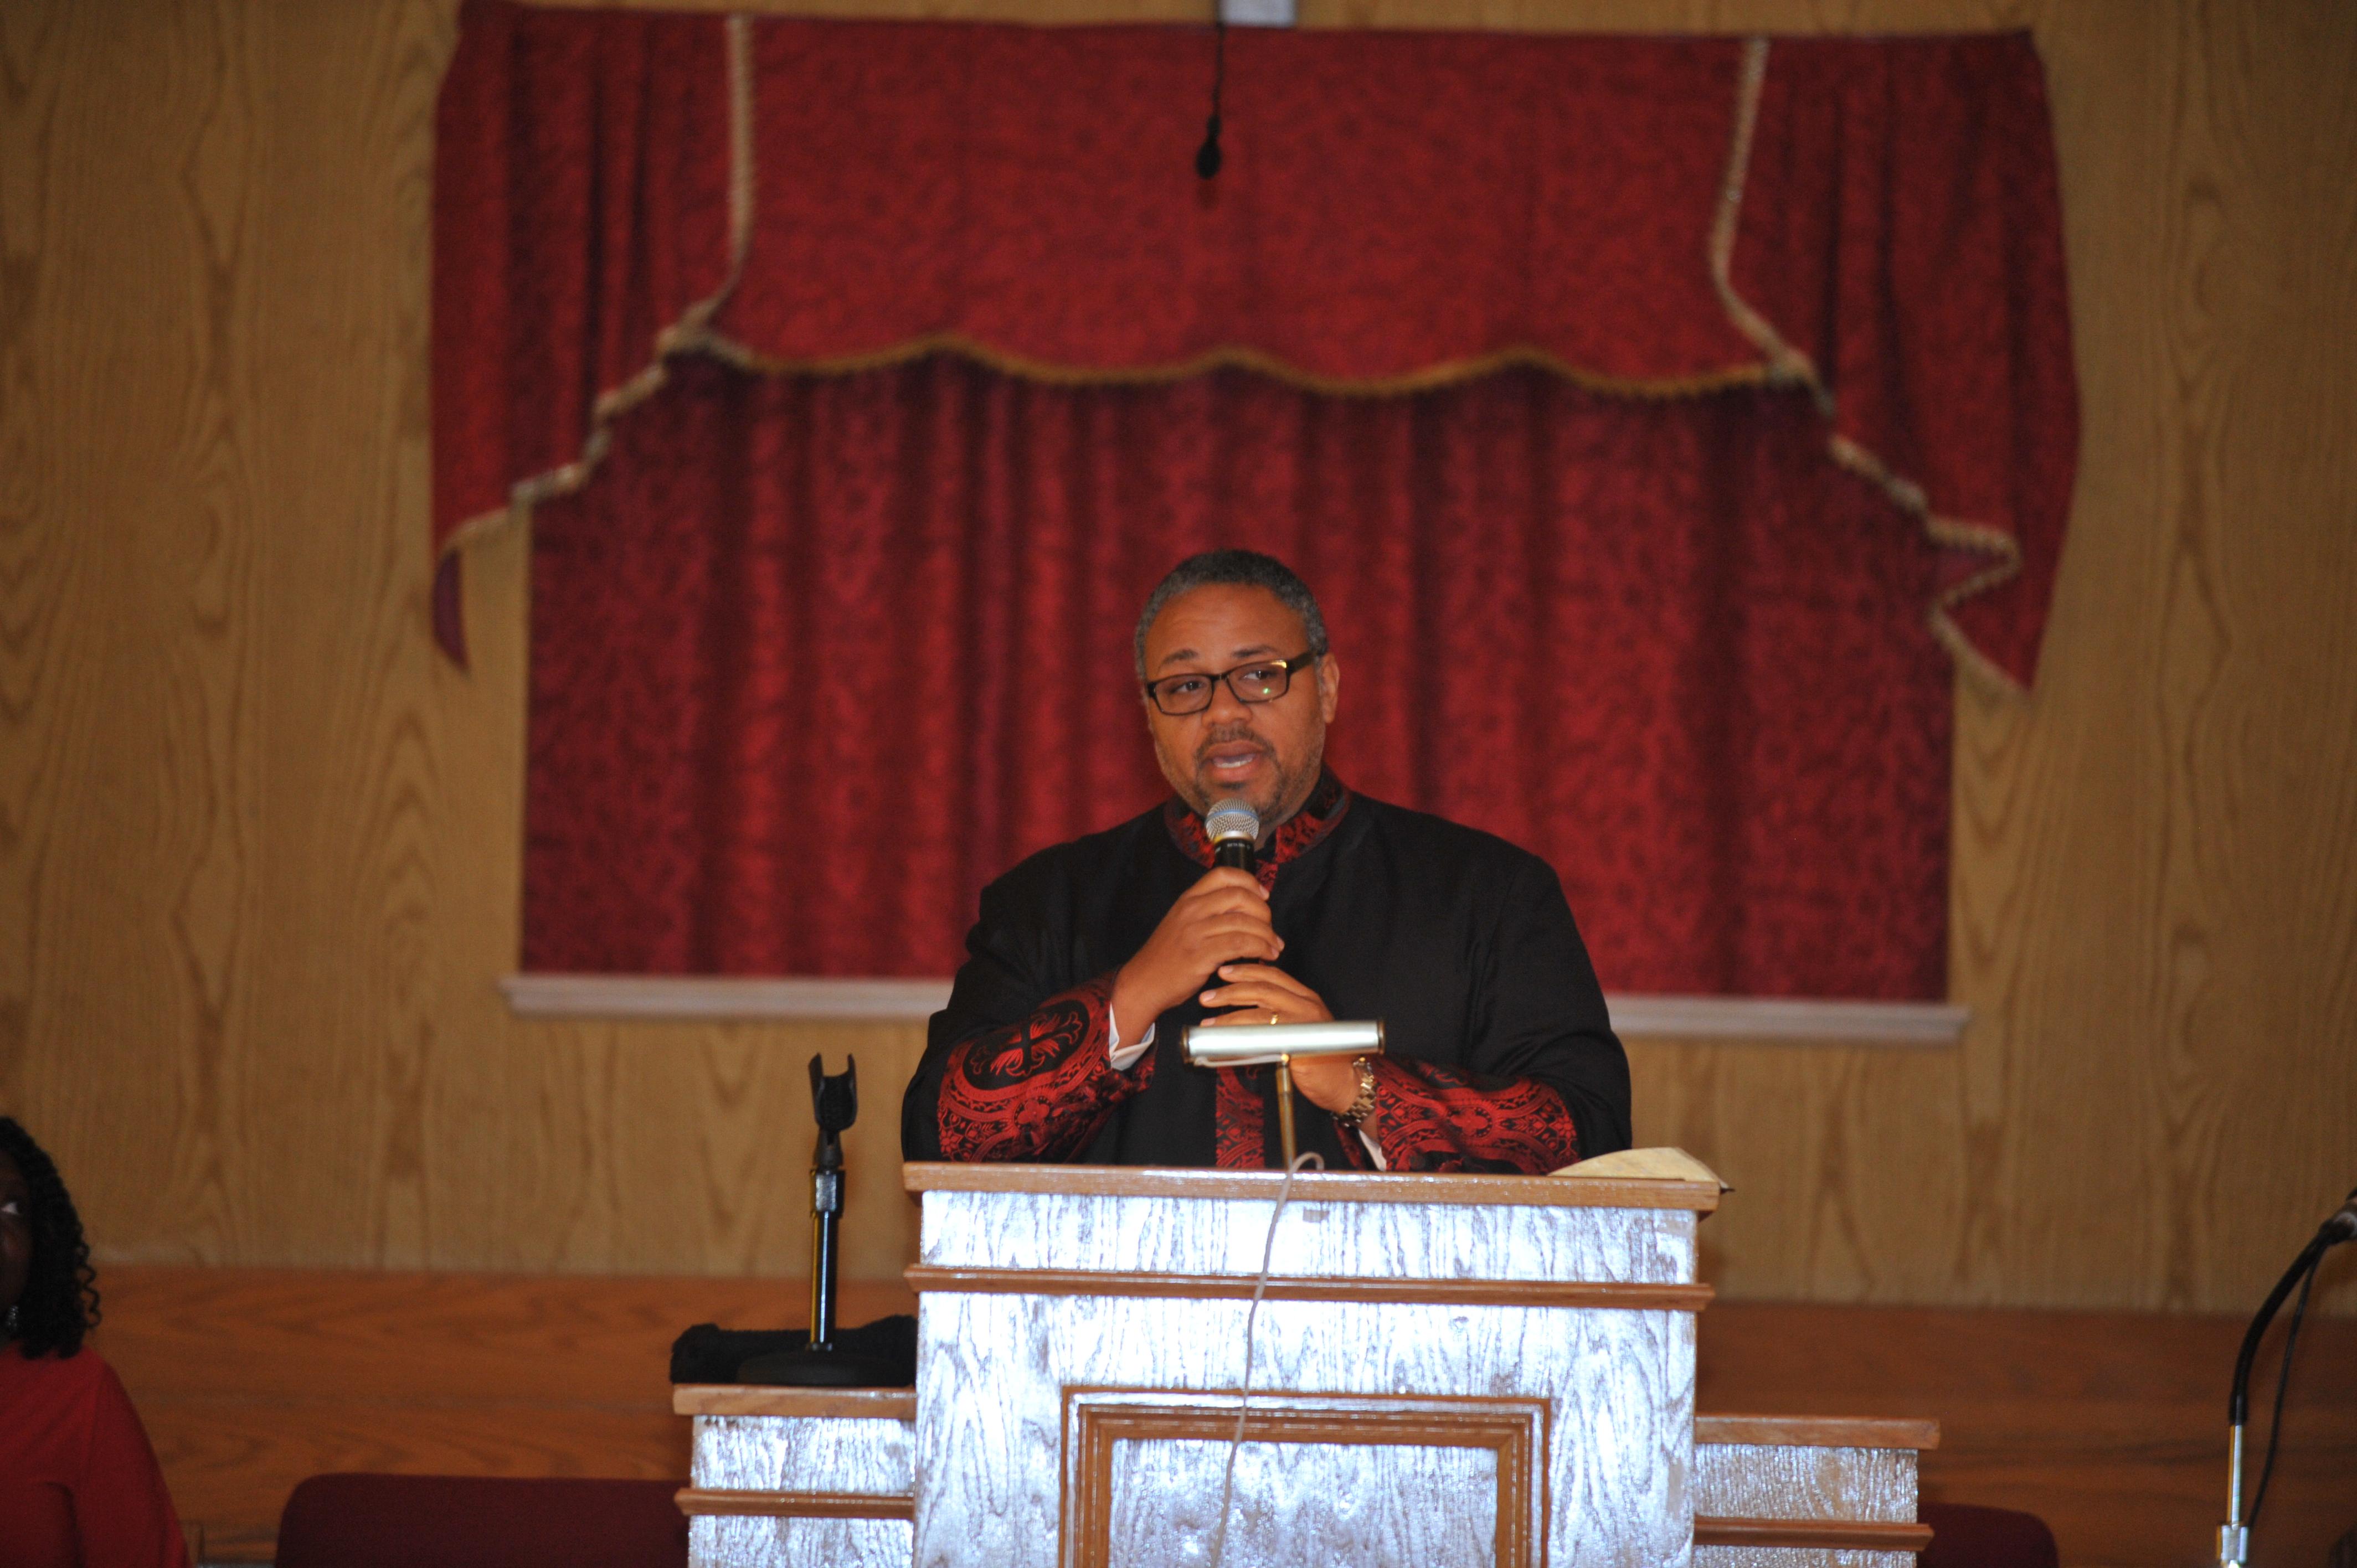 Rev Harrell